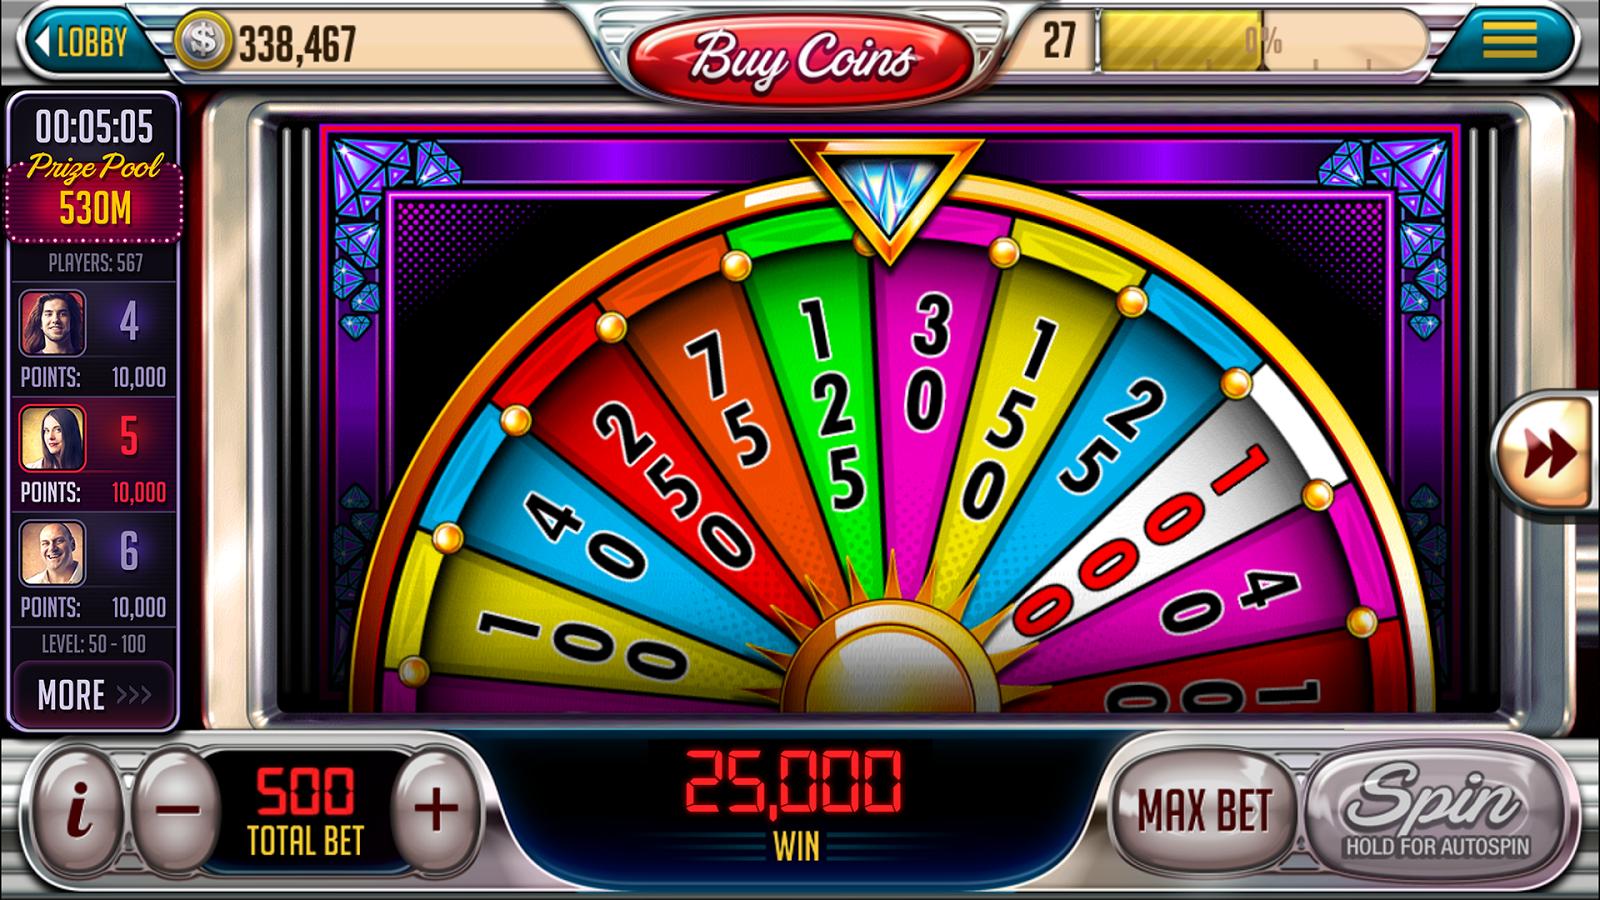 деньги в для казино мобильного на игра